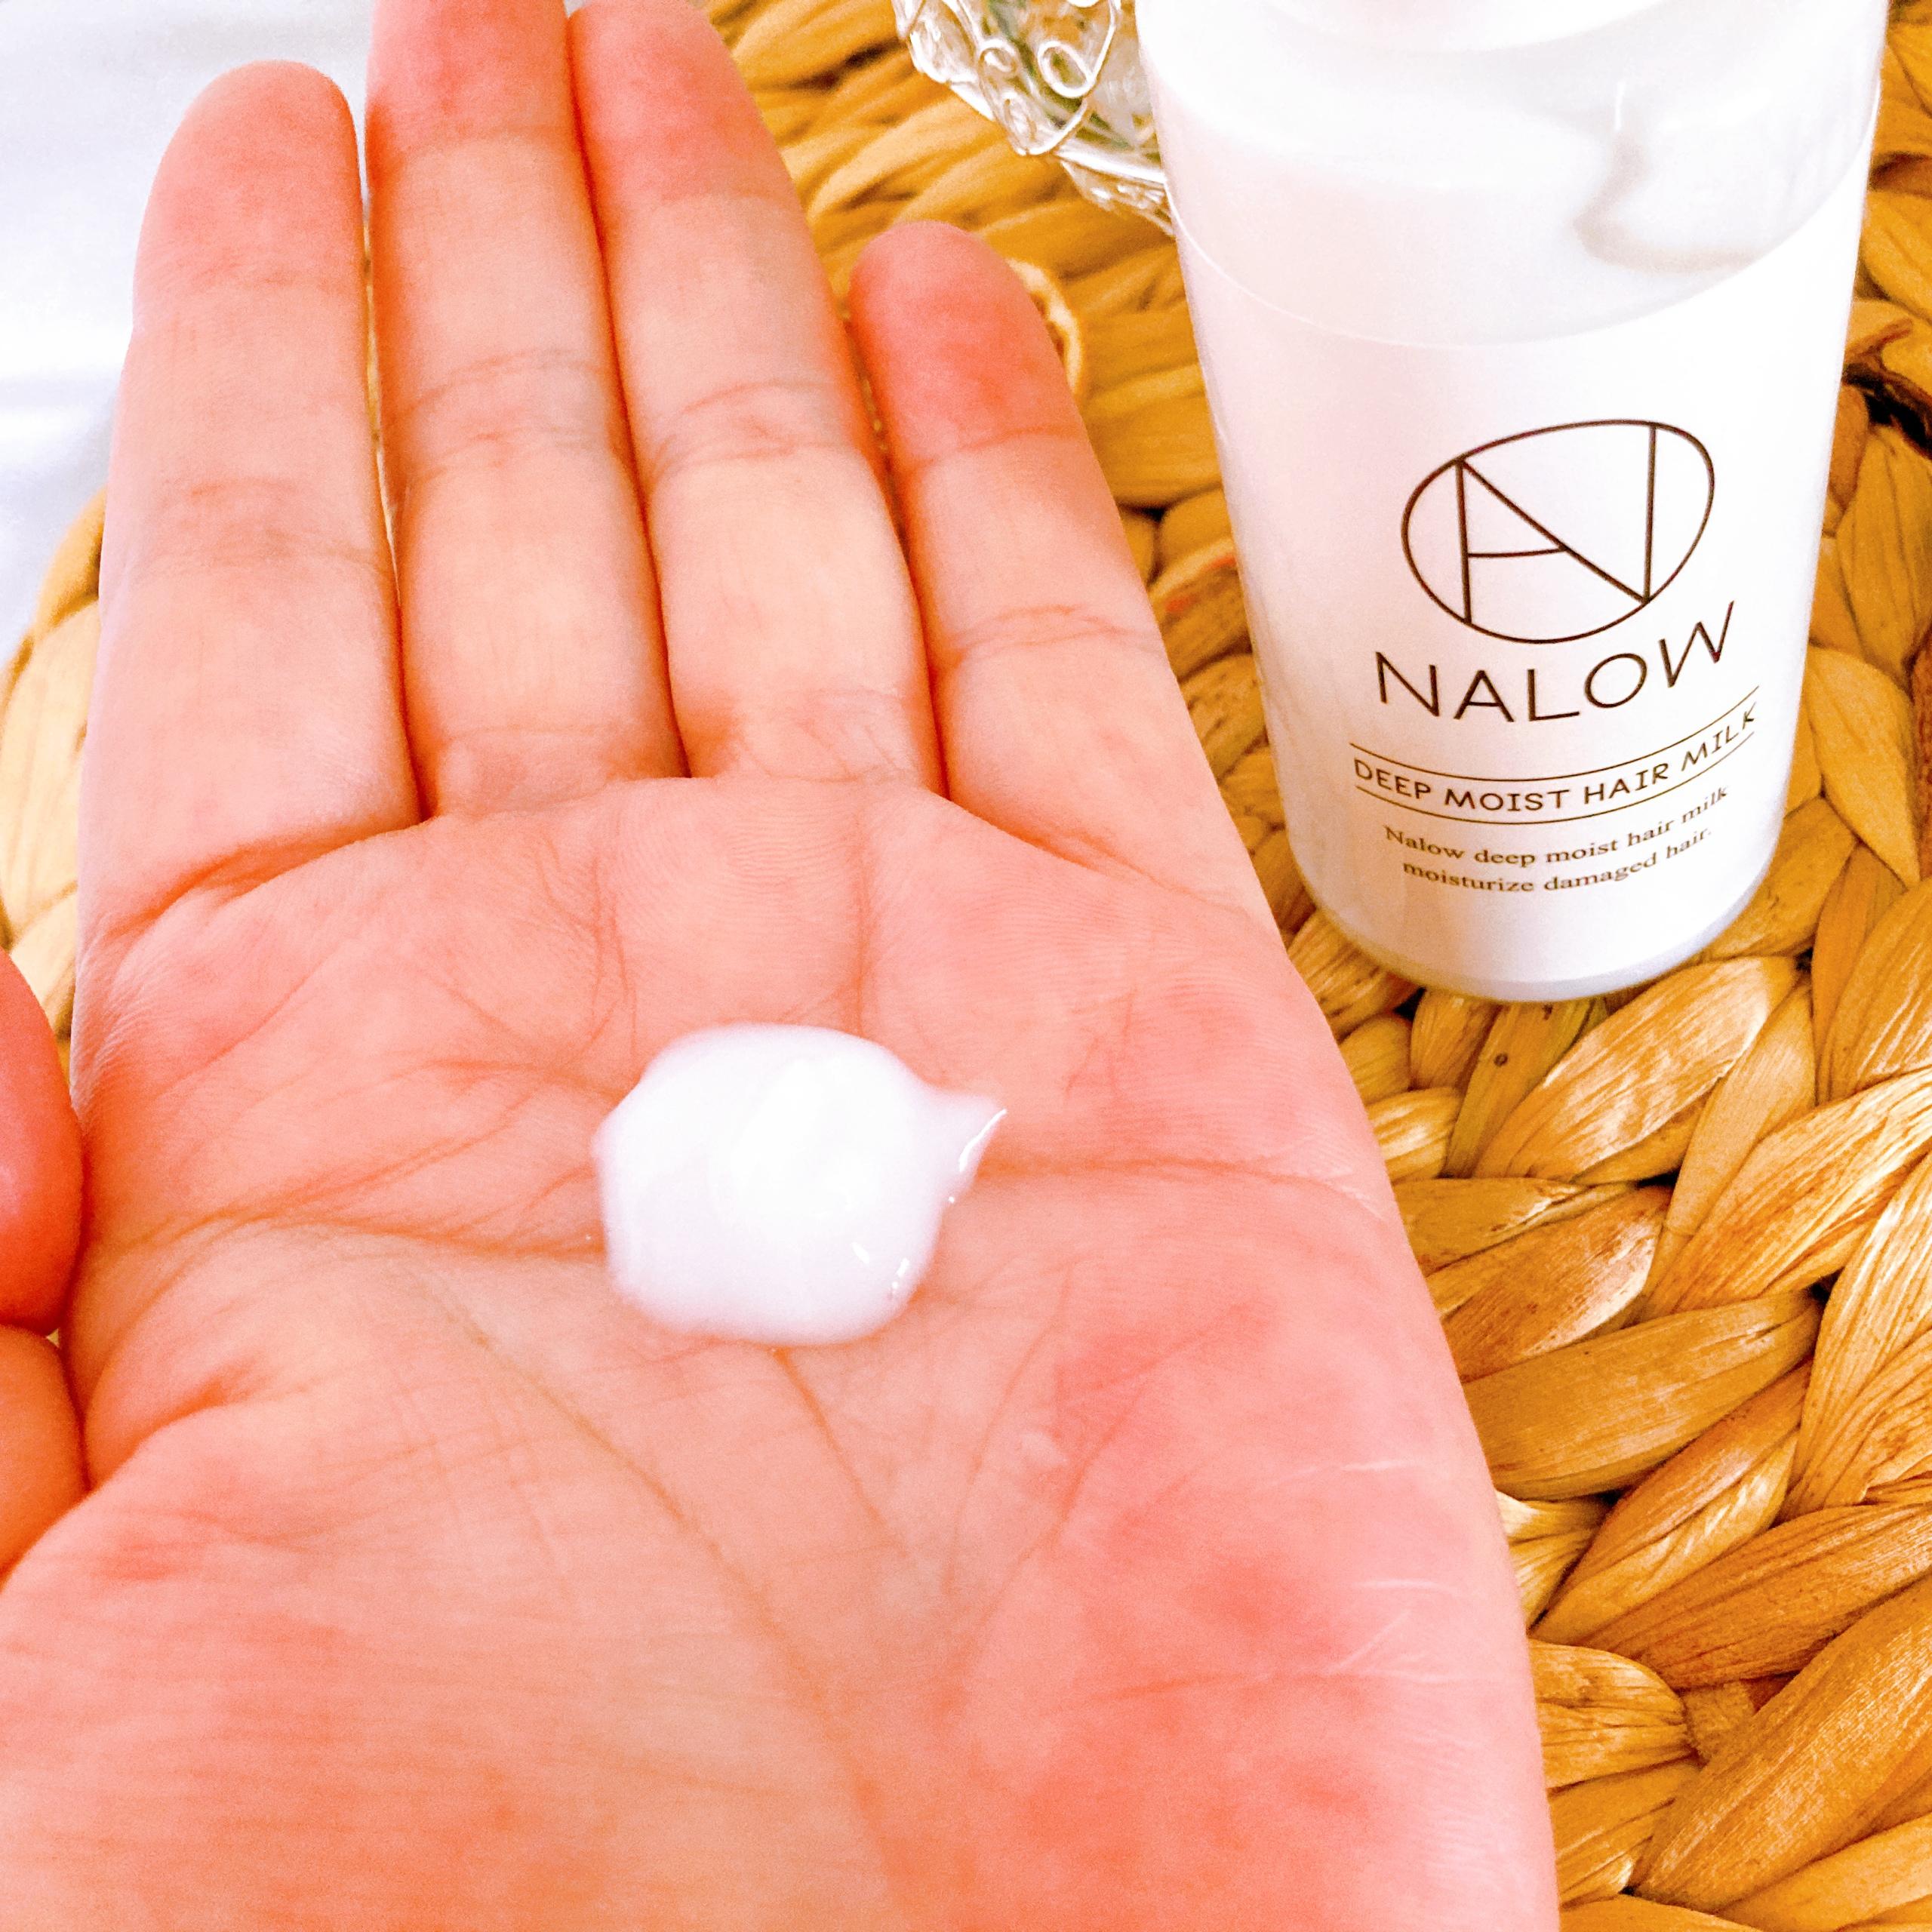 NALOW(ナロウ) ディープモイストヘアミルクの良い点・メリットに関するメグさんの口コミ画像2